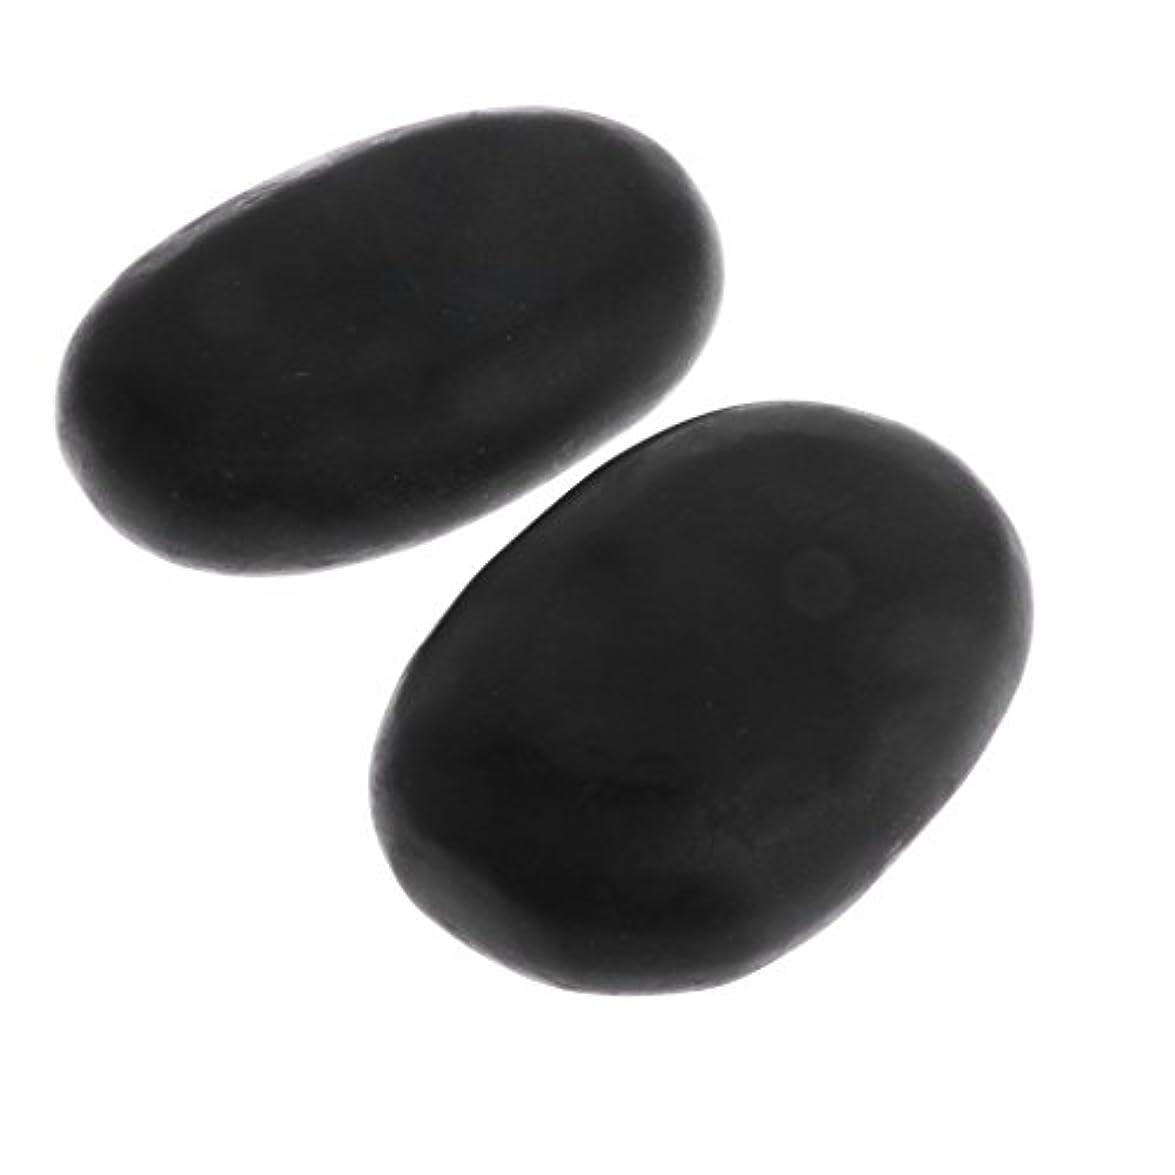 大通りふりをする胆嚢マッサージ石 2個 温泉石 玄武岩 火山石 マッサージ 溶岩 自然石 美容 SPA